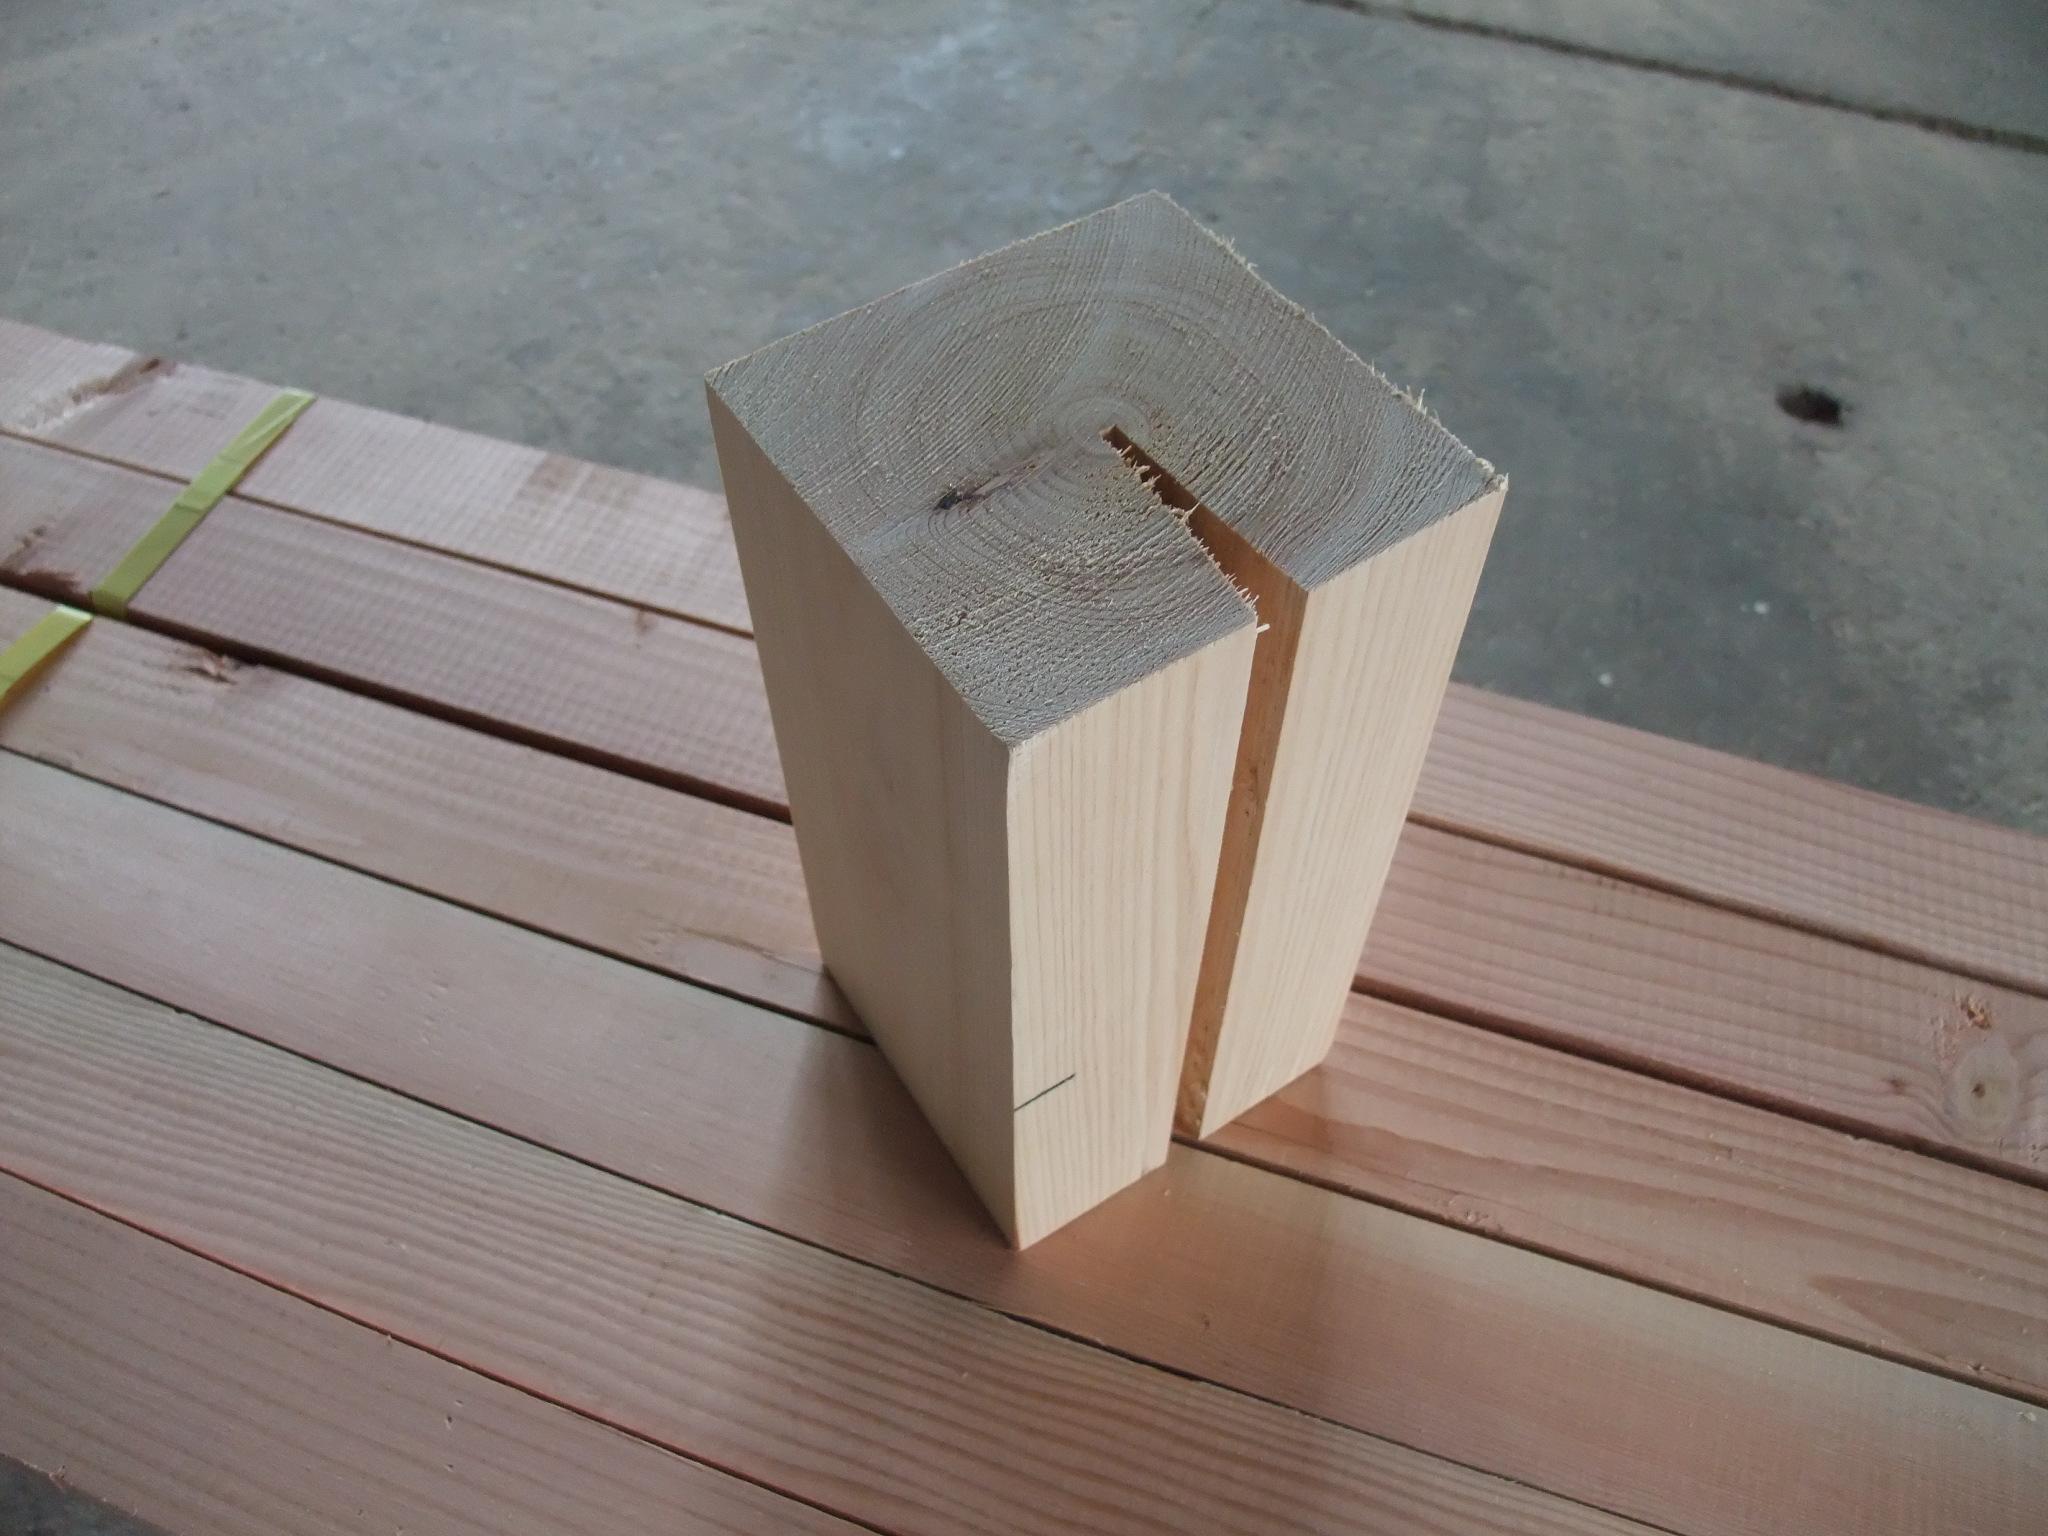 背割り柱 切れ端 まず、注釈をした「柱として使用することについては・・」ということですが、これは